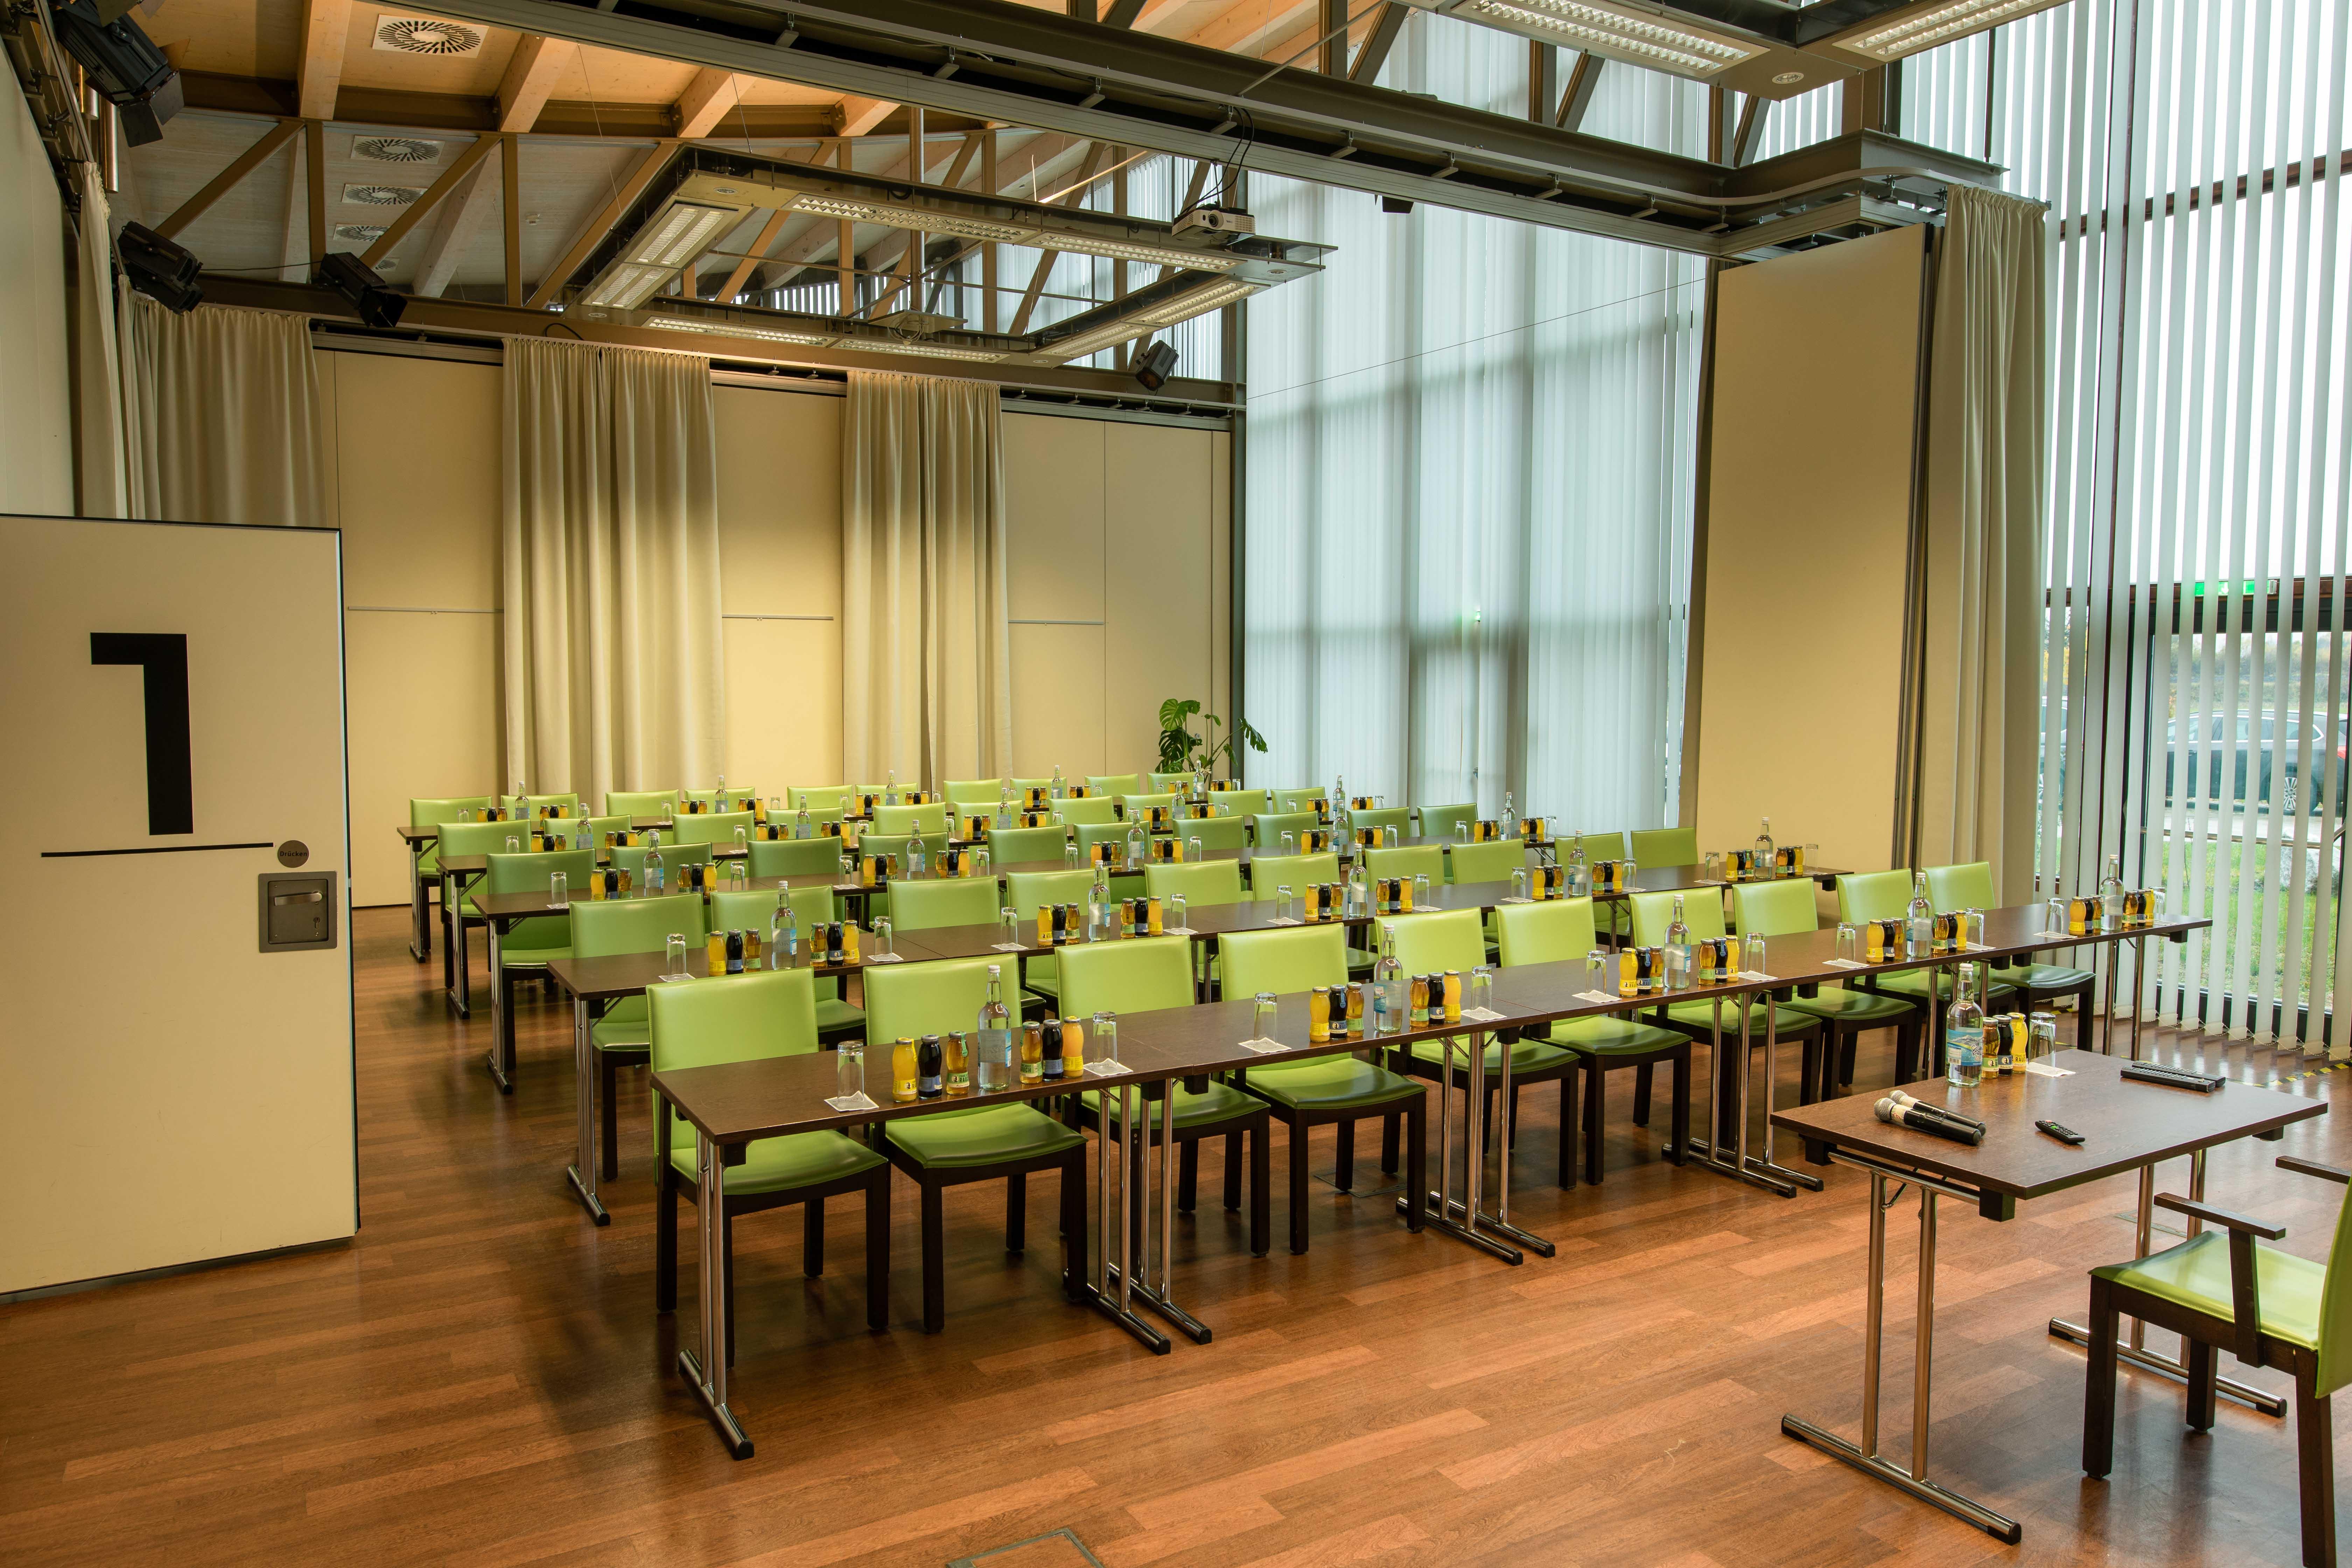 Der vollständig ausgestattete Seminarraum im Seminarhotel bei Villach am Ossiacher See